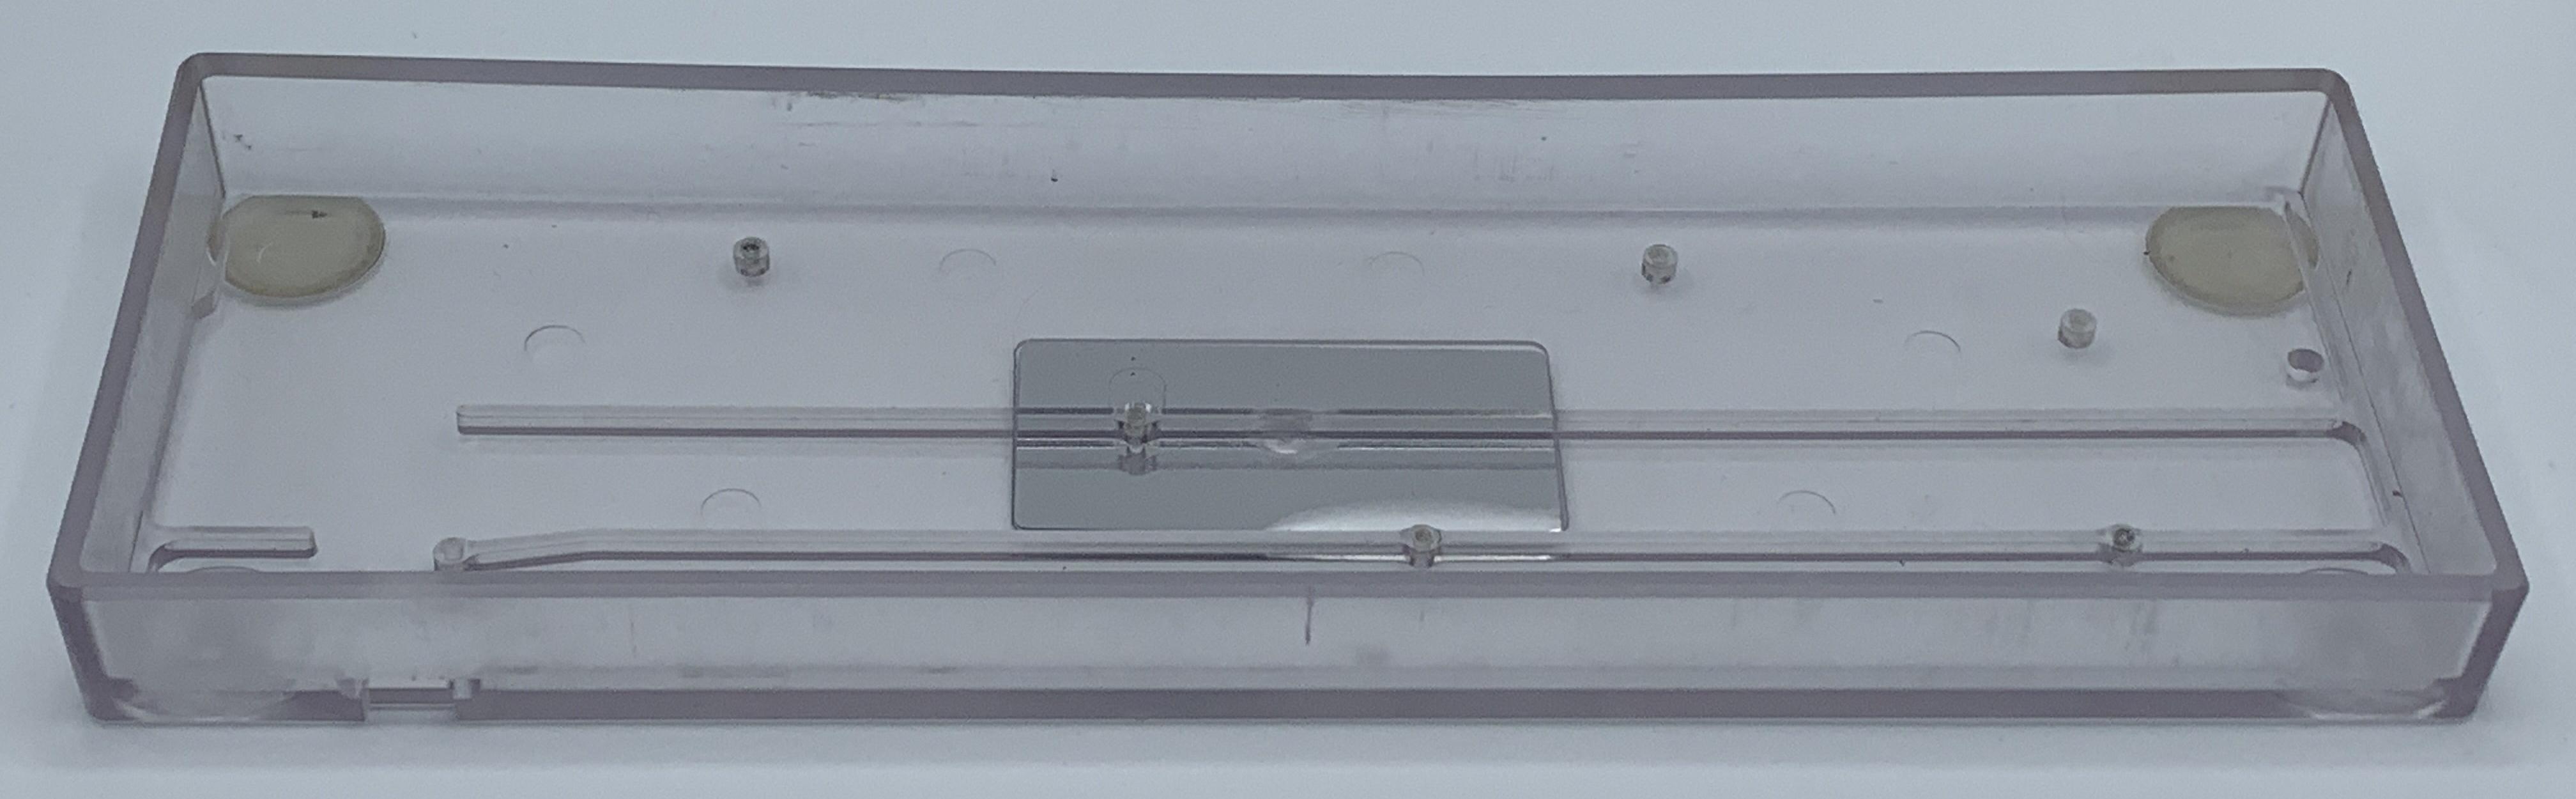 Inside of the KUMO plastic case